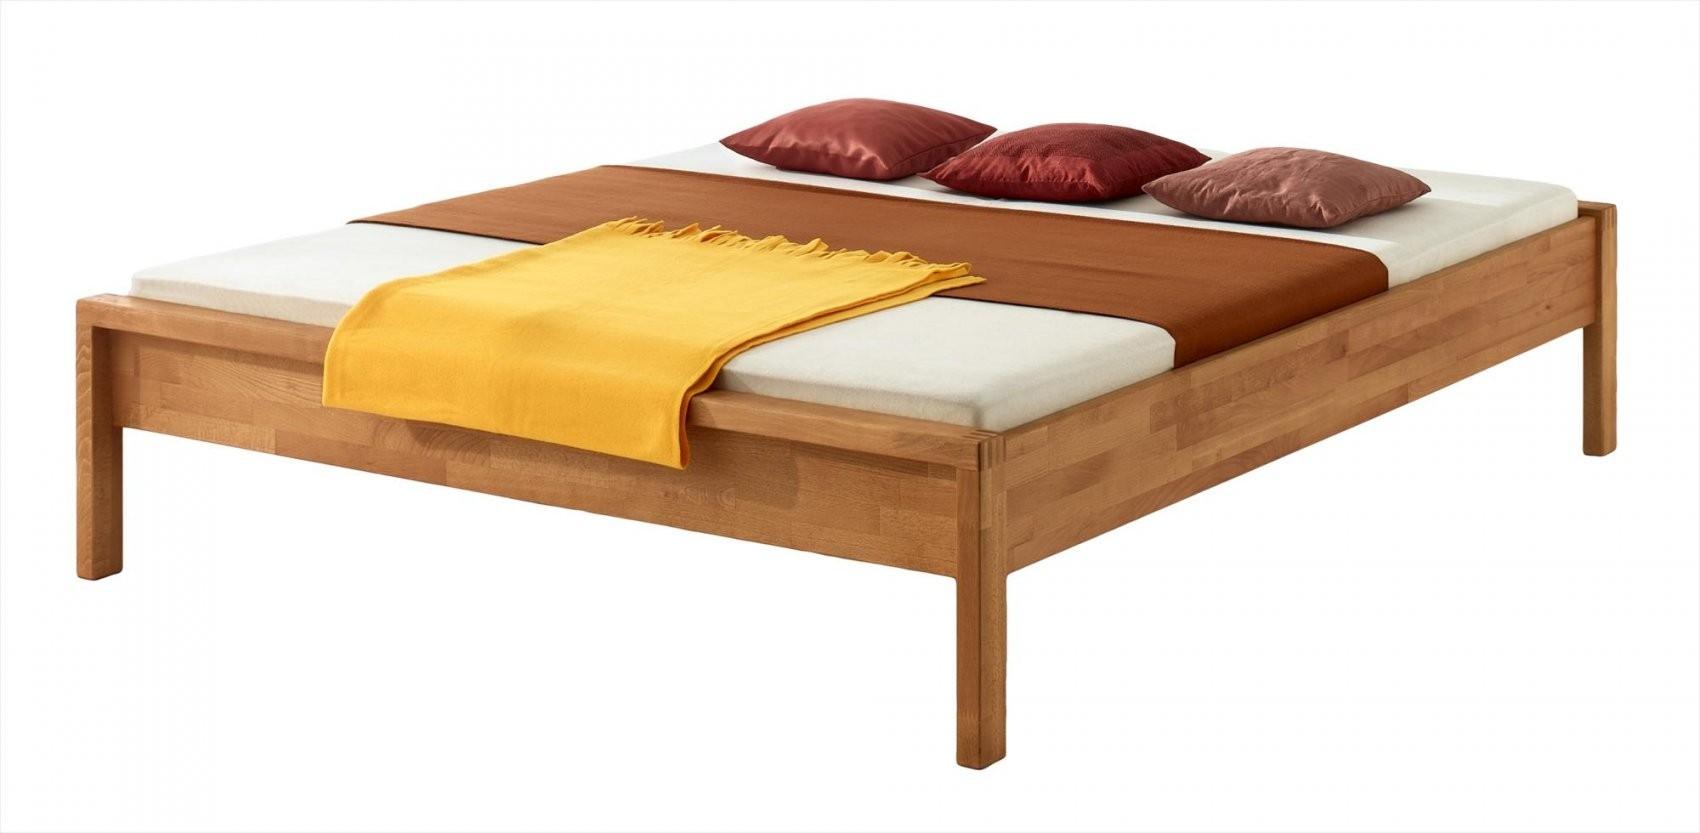 Betten Ohne Kopfteil  Qpw Decoration von Bett Ohne Kopfteil 140X200 Photo